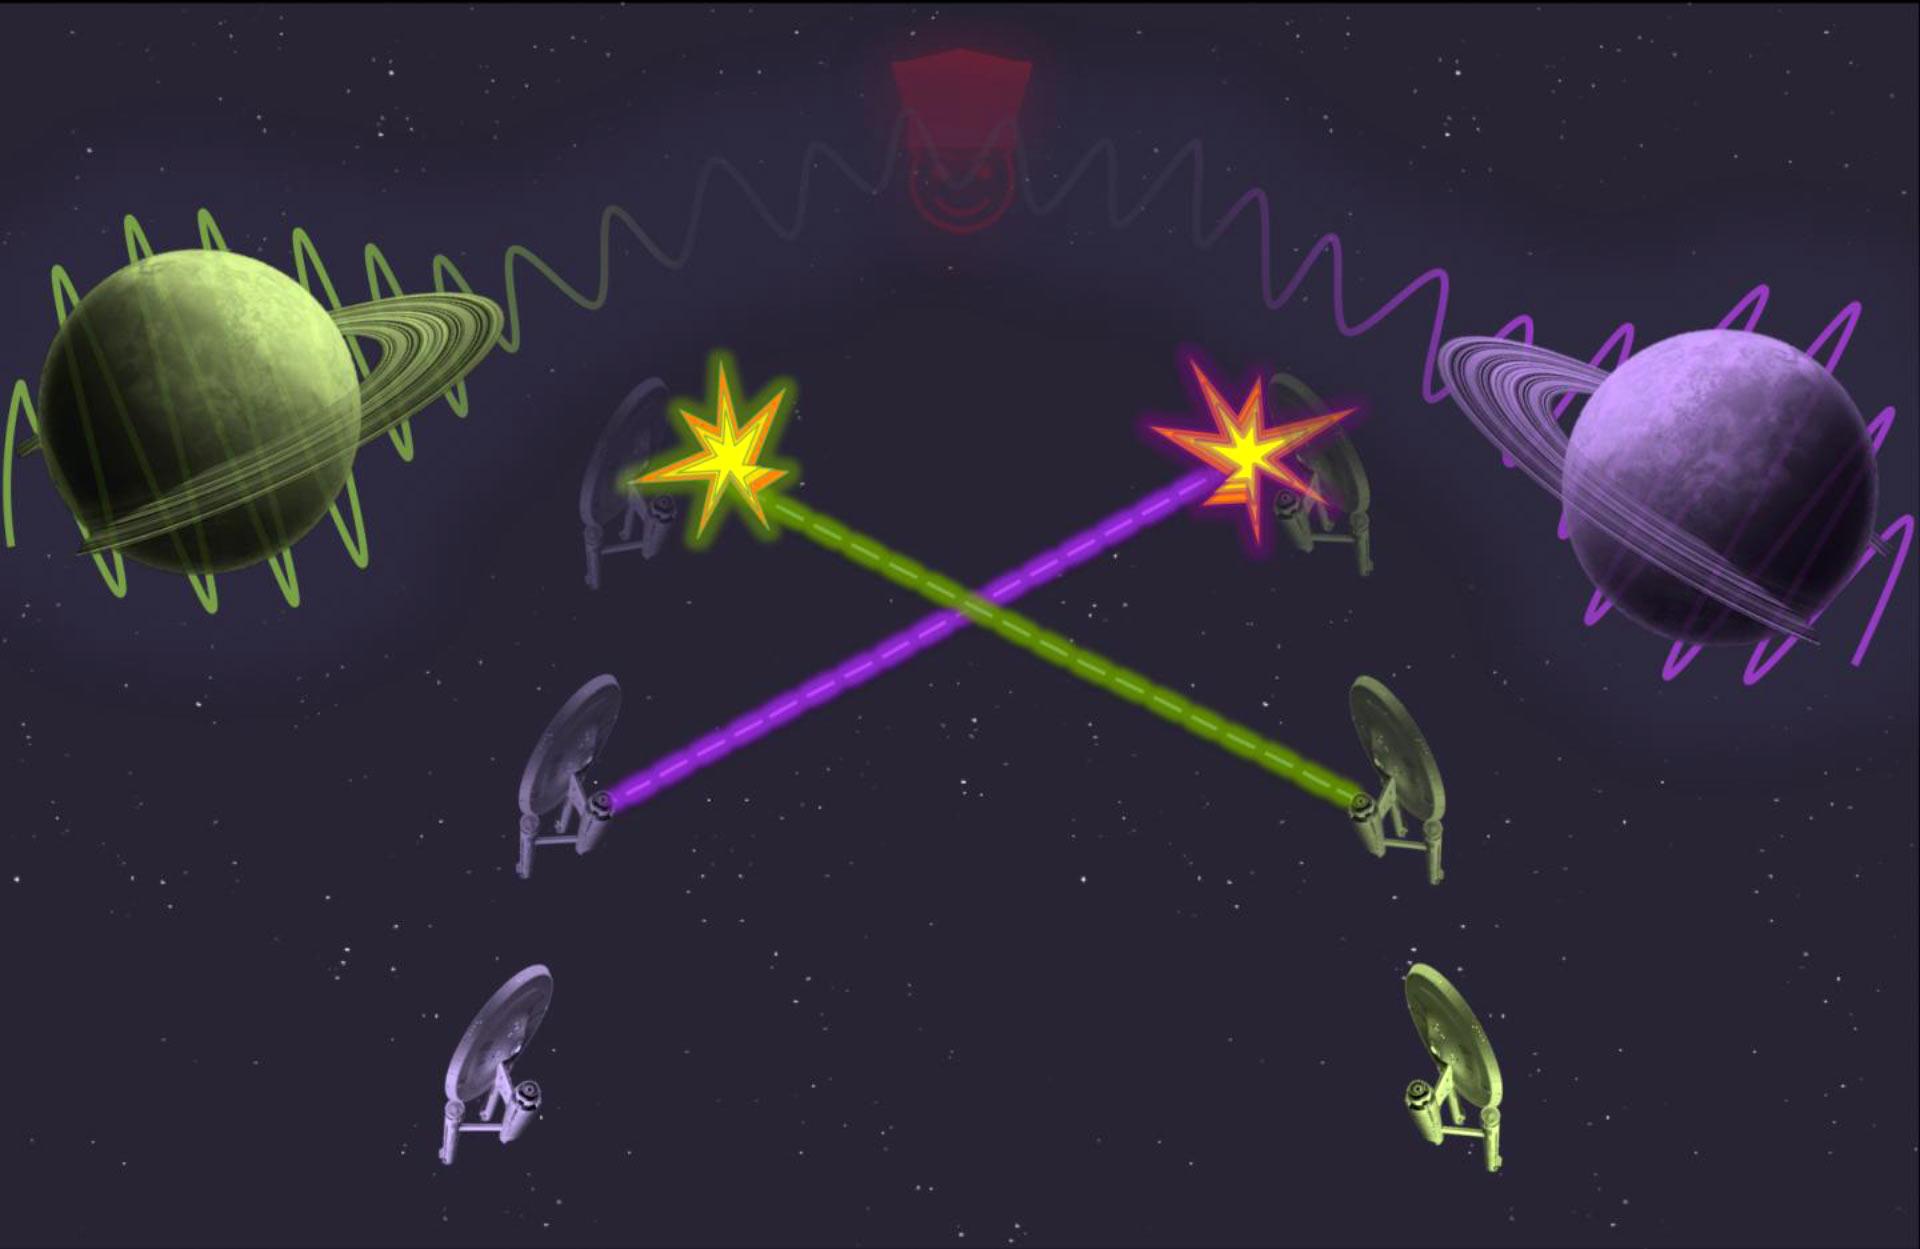 Ilustración del experimento imaginario en el que dos naves espaciales se destruyen y salvan a la vez, cuando un planeta cercano está en una superposición de estados que se proyecta sobre el tiempo. Imagen: Universidad de Queensland.